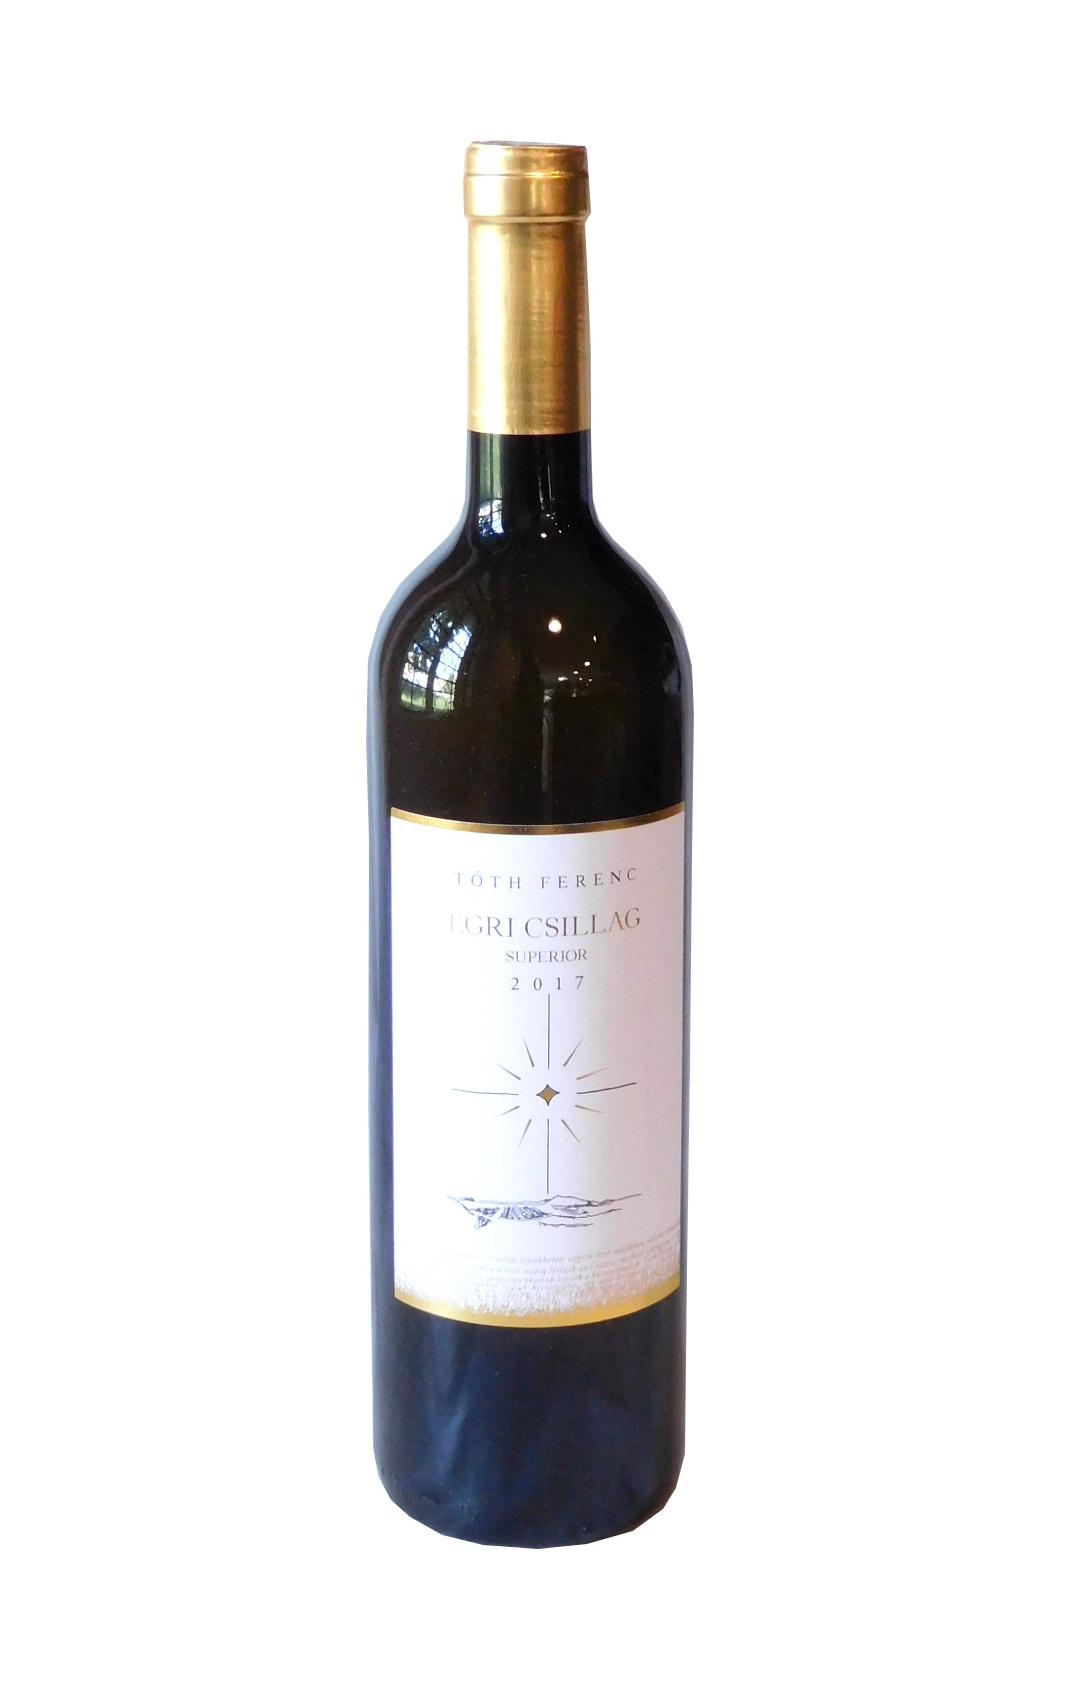 Egri Csillag superior (bílé výběrové víno)